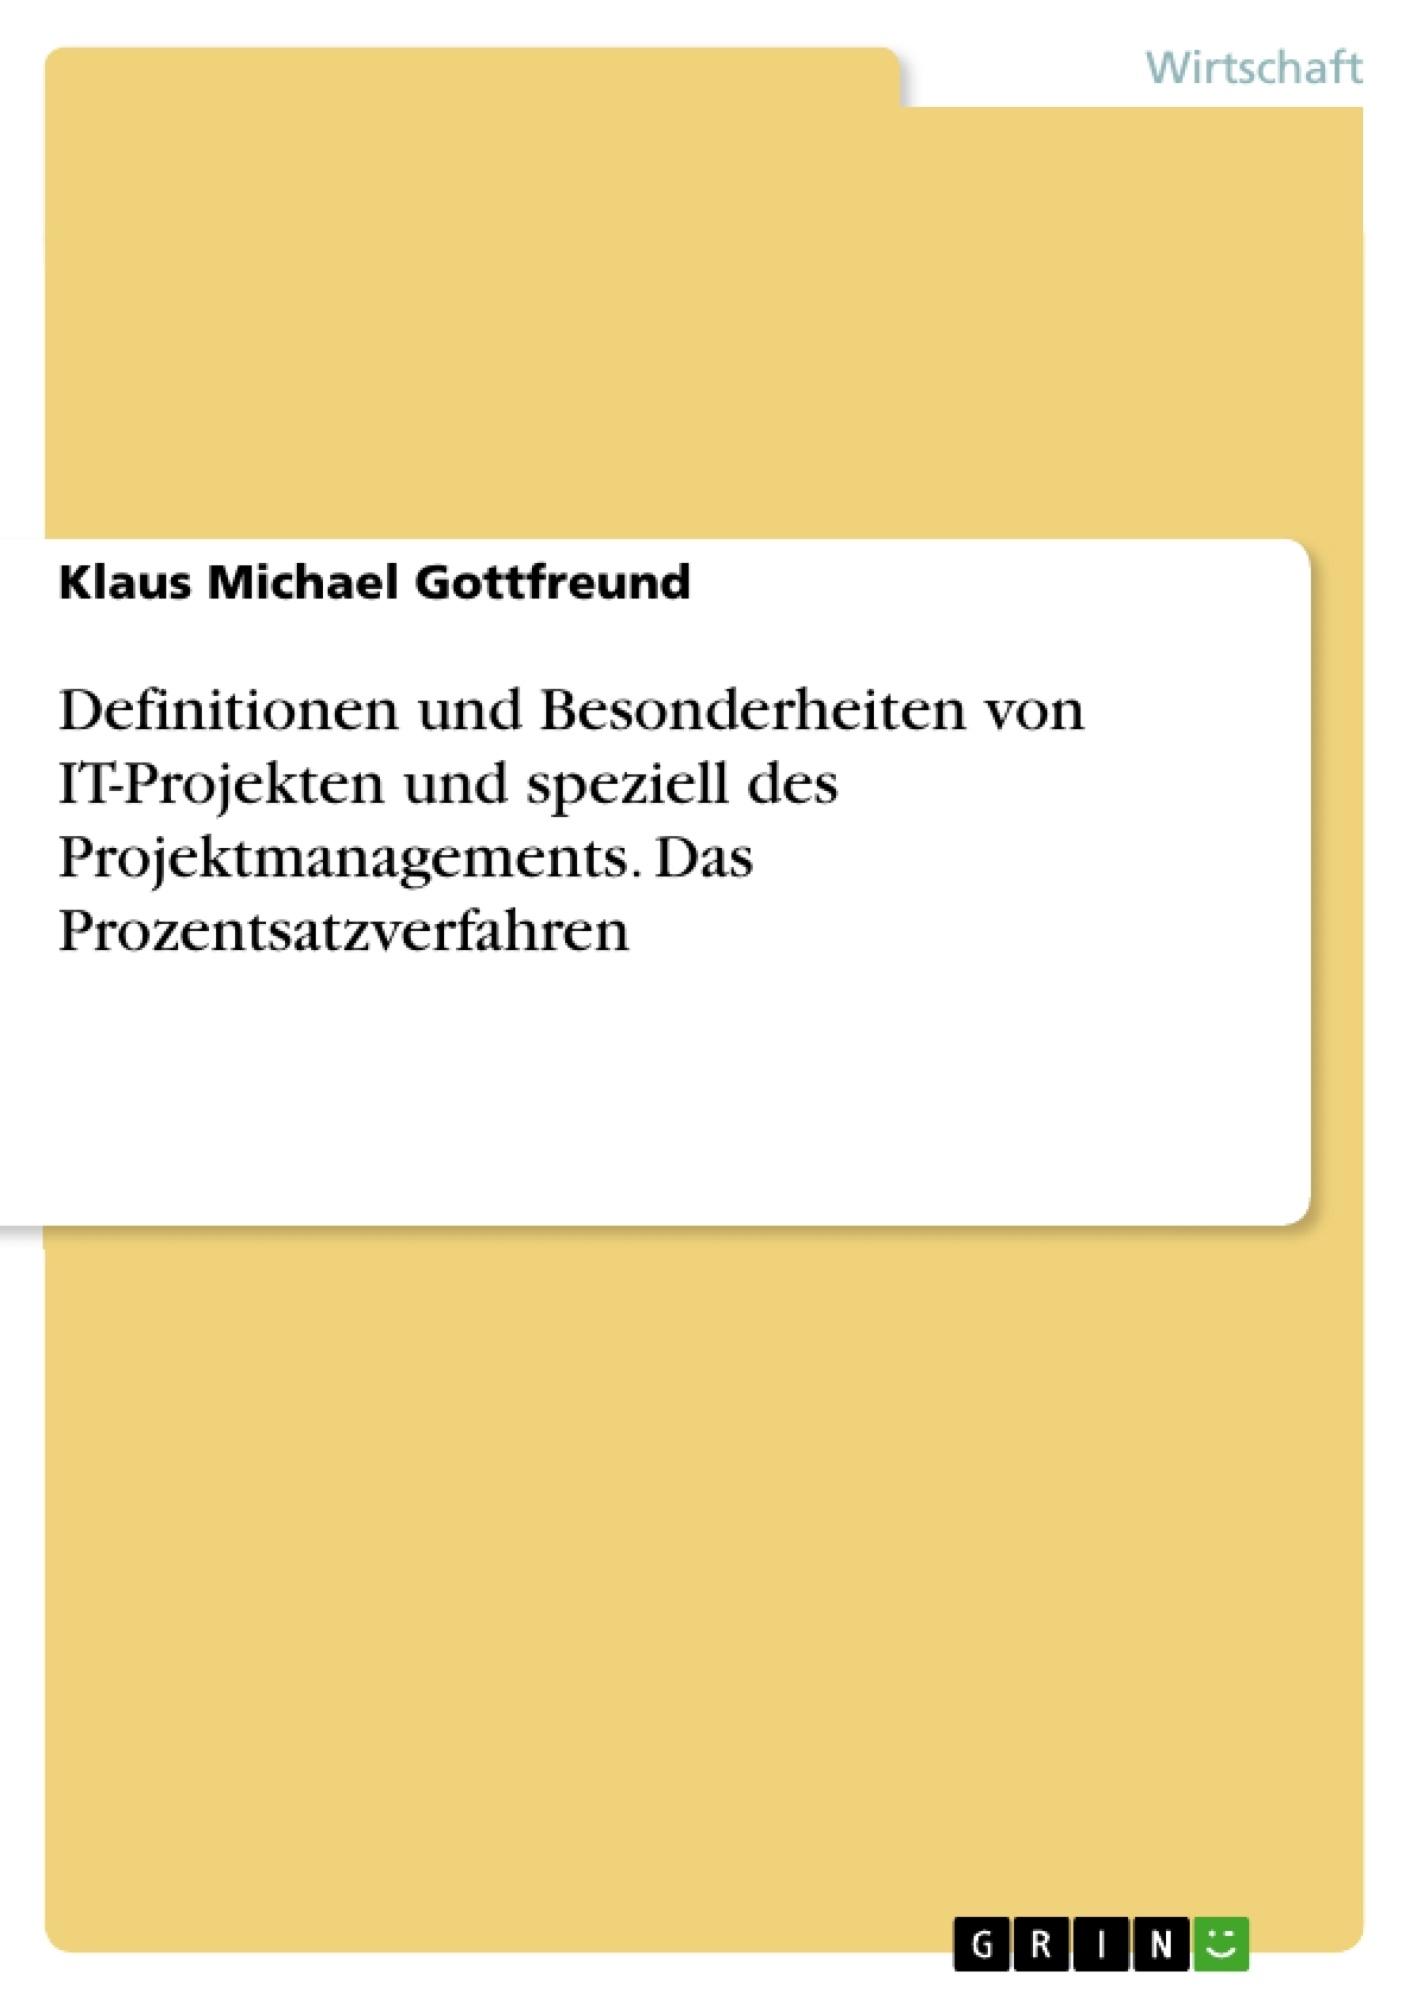 Titel: Definitionen und Besonderheiten von IT-Projekten und speziell des Projektmanagements. Das Prozentsatzverfahren